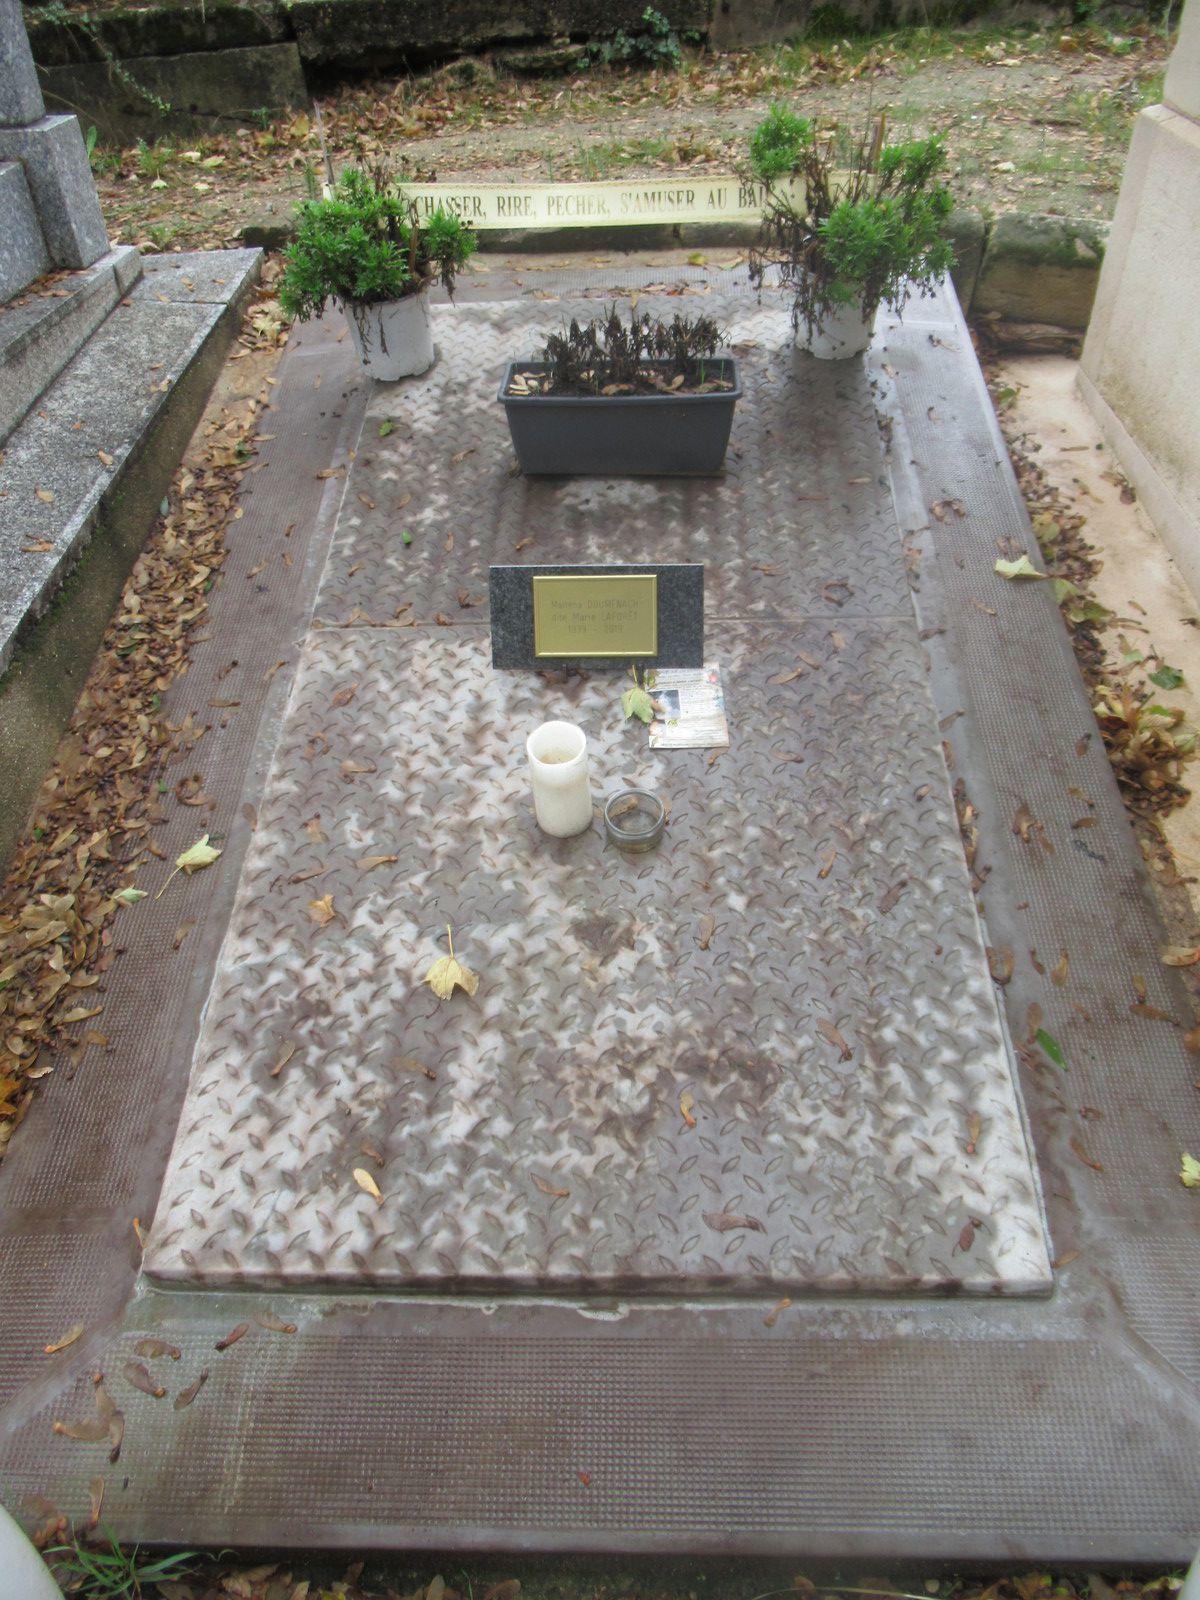 Tombe De Marie Laforet : tombe, marie, laforet, Cowboy, Paris, Oct.2020, Après, 13ans, D'absence, Saloon, 1970-80..., DALLAS, Saône